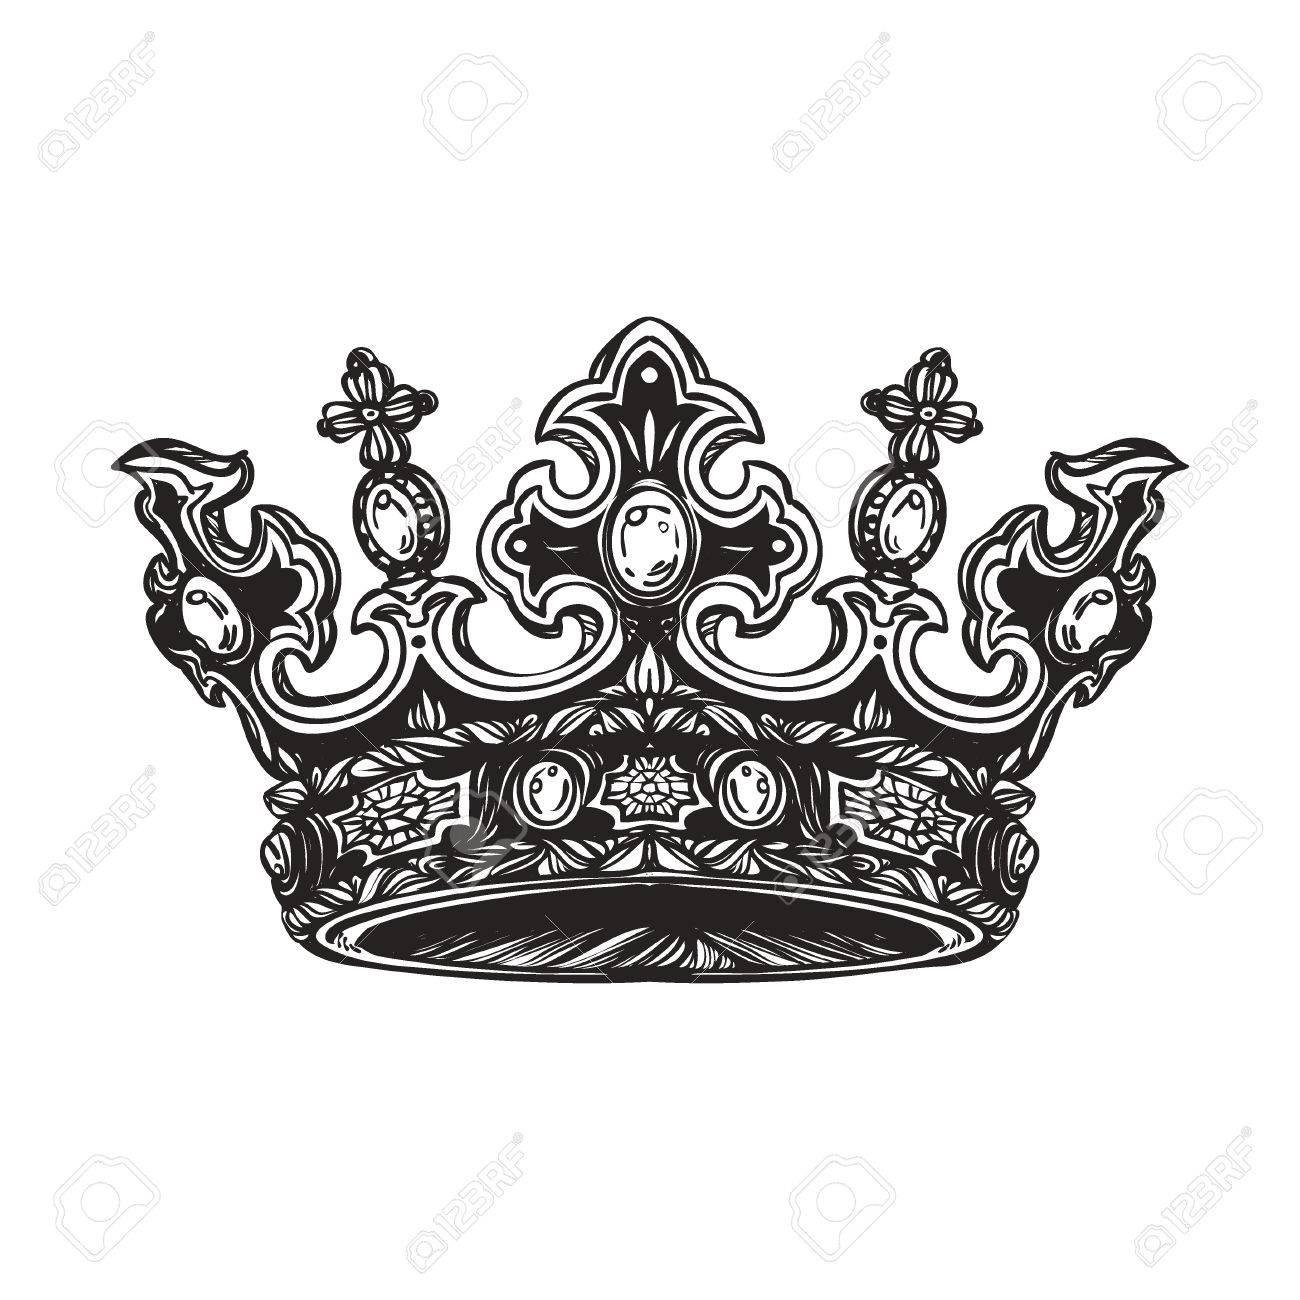 Filigrana Alta Corona Imperial Detallada Elemento Para El Logotipo